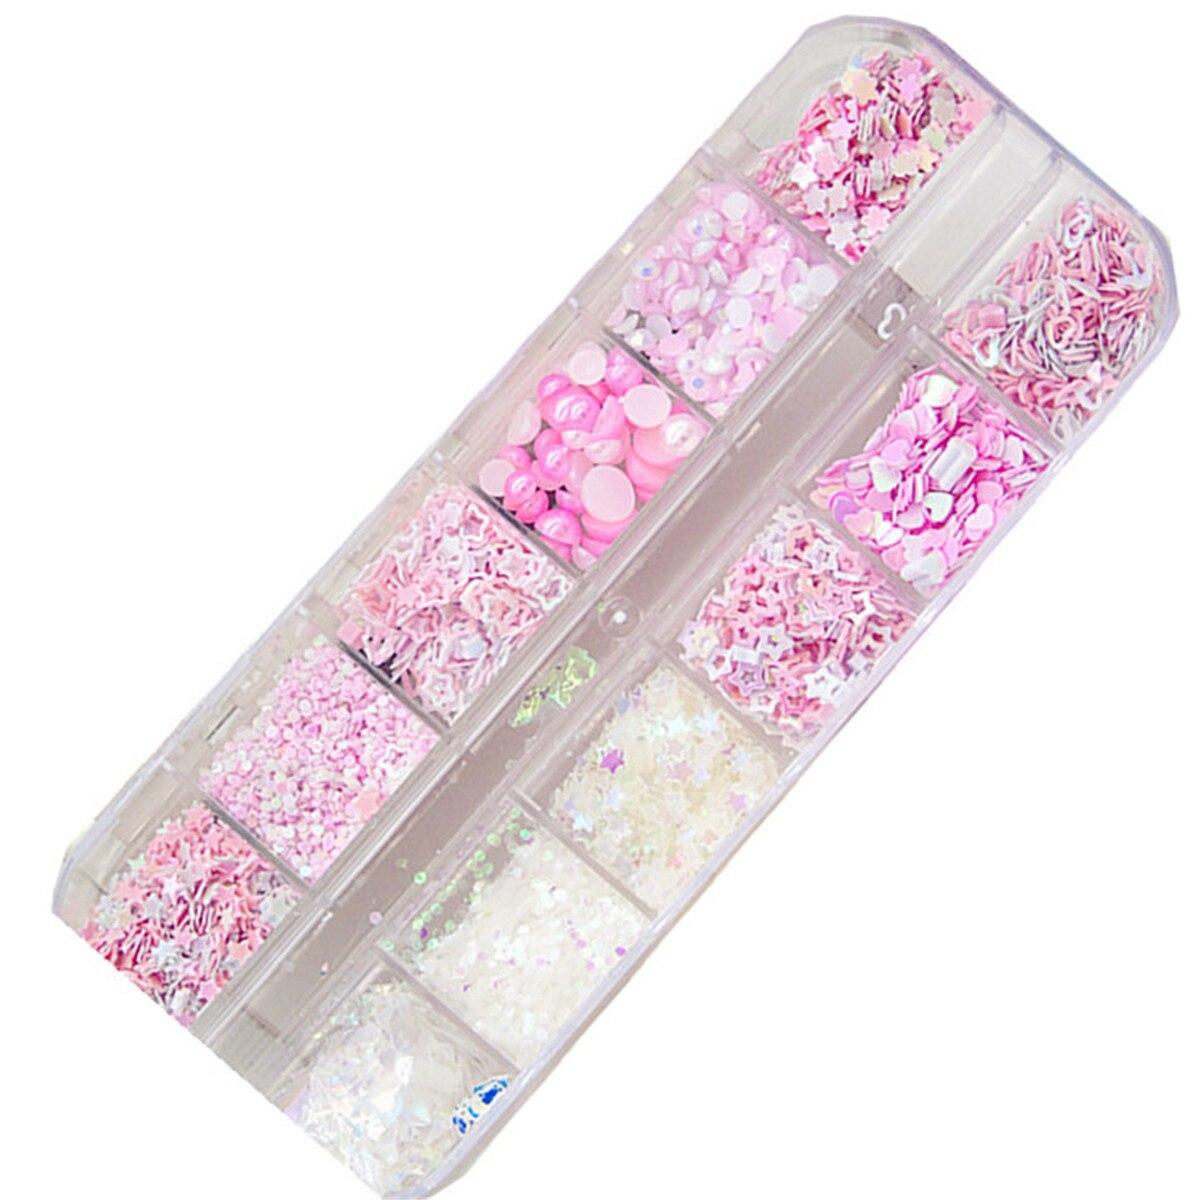 12 brokat festiwal świecący różowe białe cekiny diamentowe paznokcie układanie włosów miłość gwiazda Nail Art perła Paillette płatki akcesoria